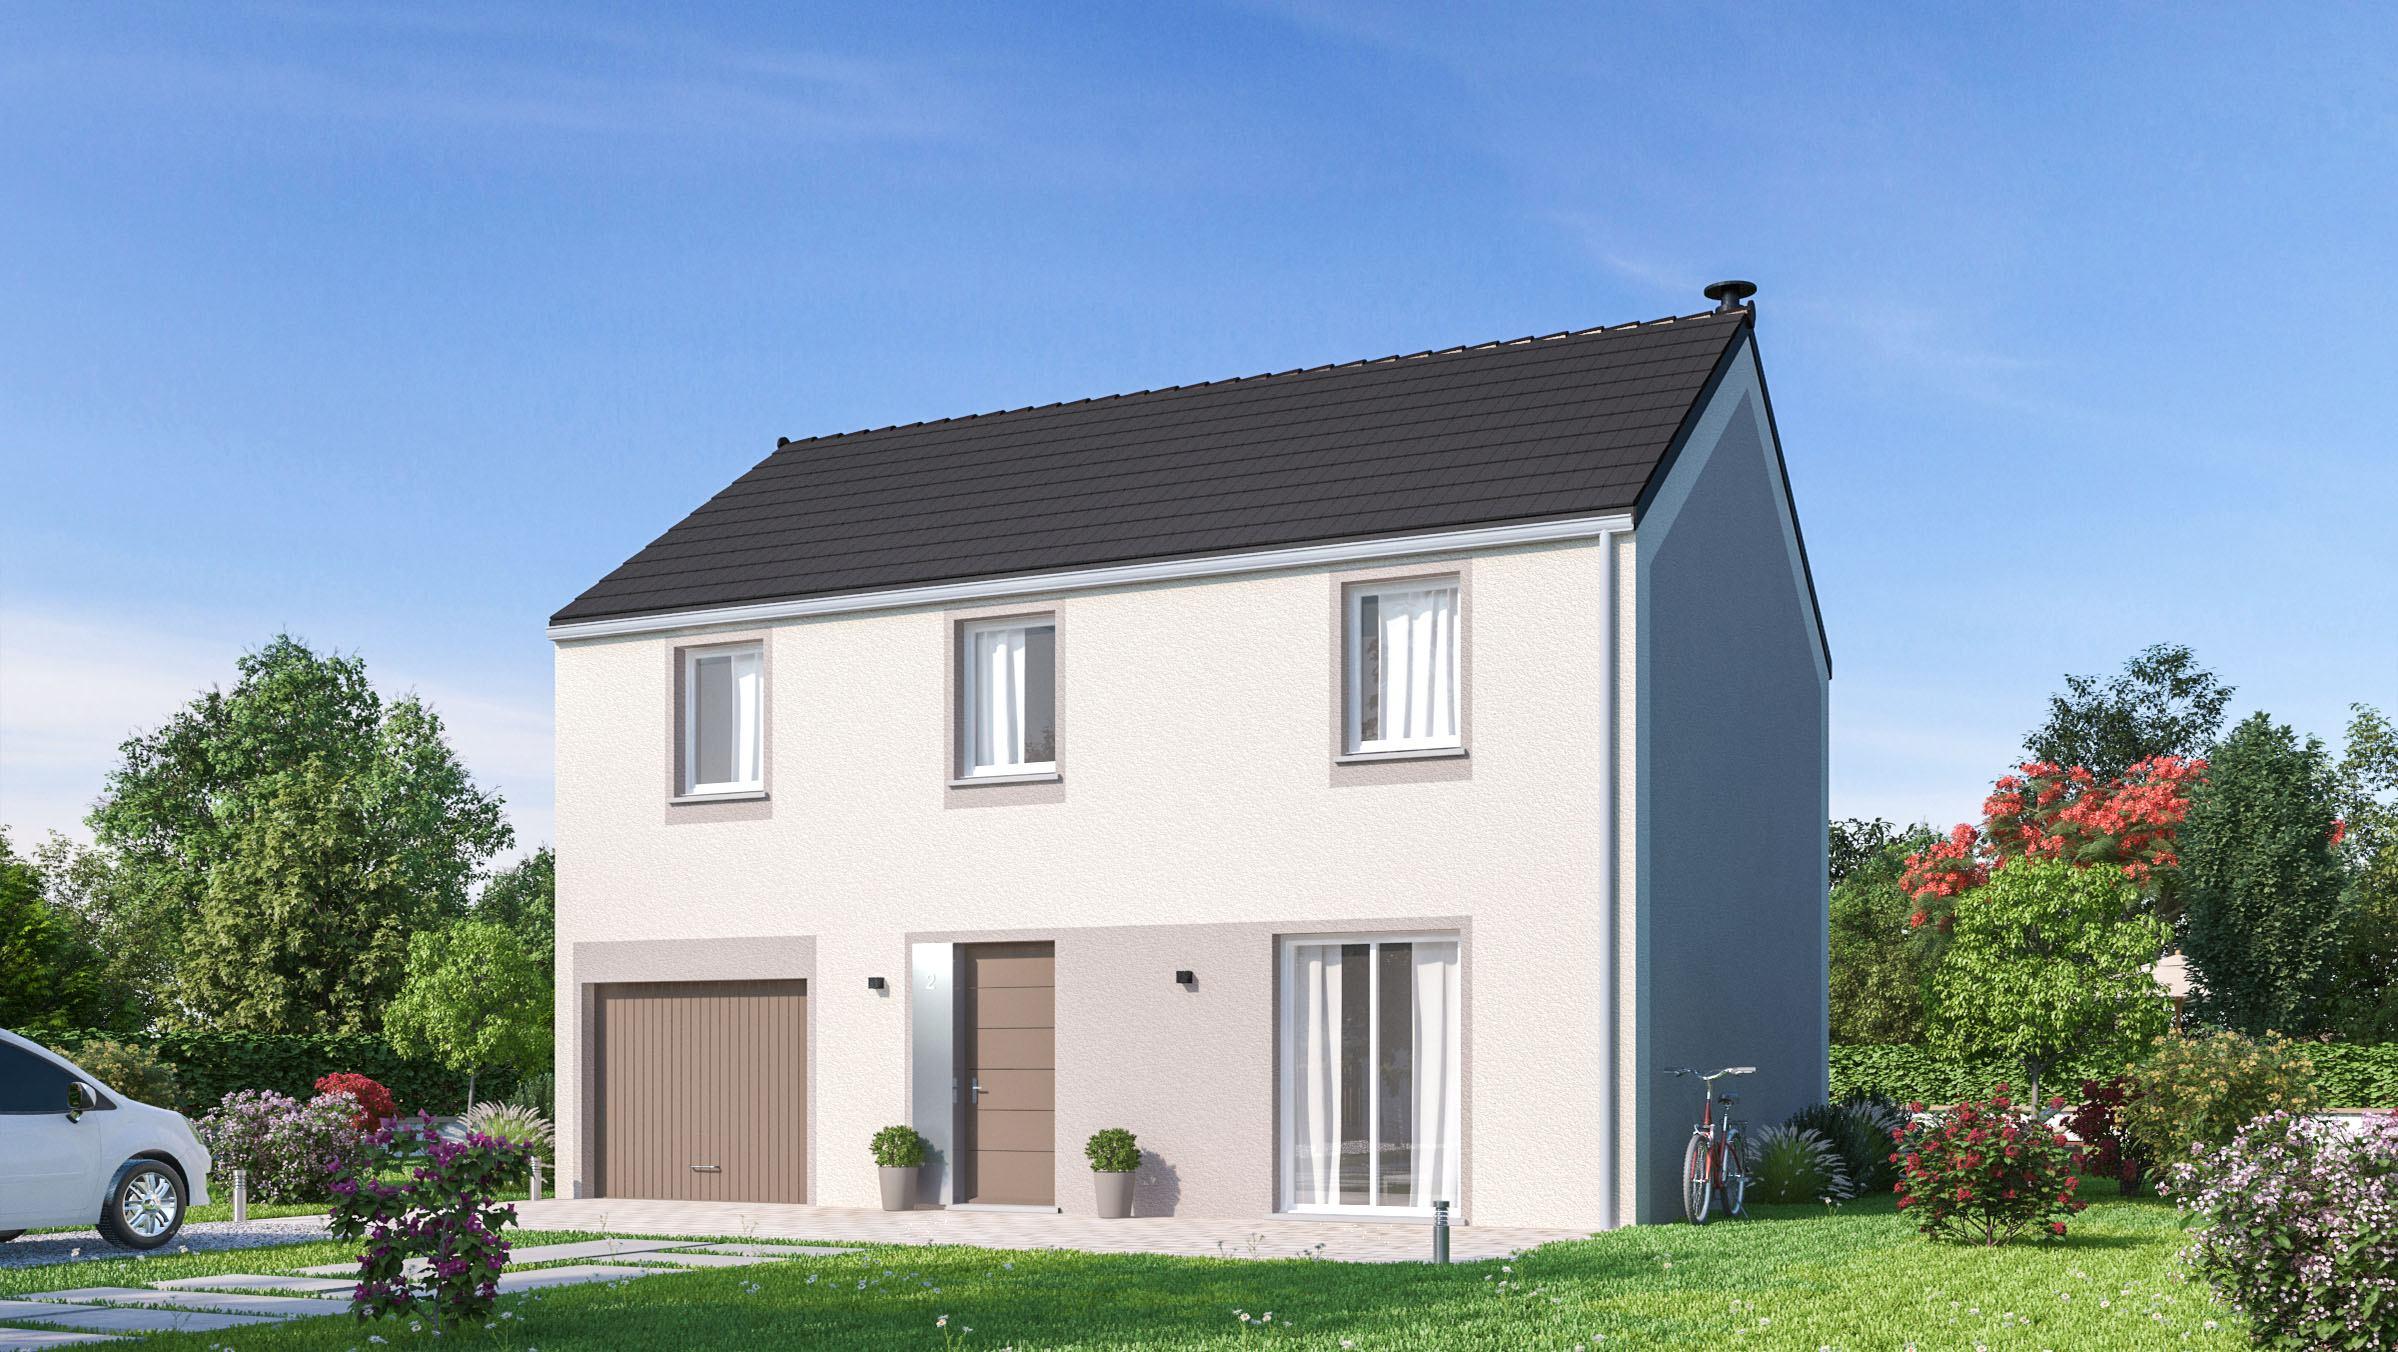 Maisons + Terrains du constructeur MAISONS PHENIX • 116 m² • SILLY SUR NIED